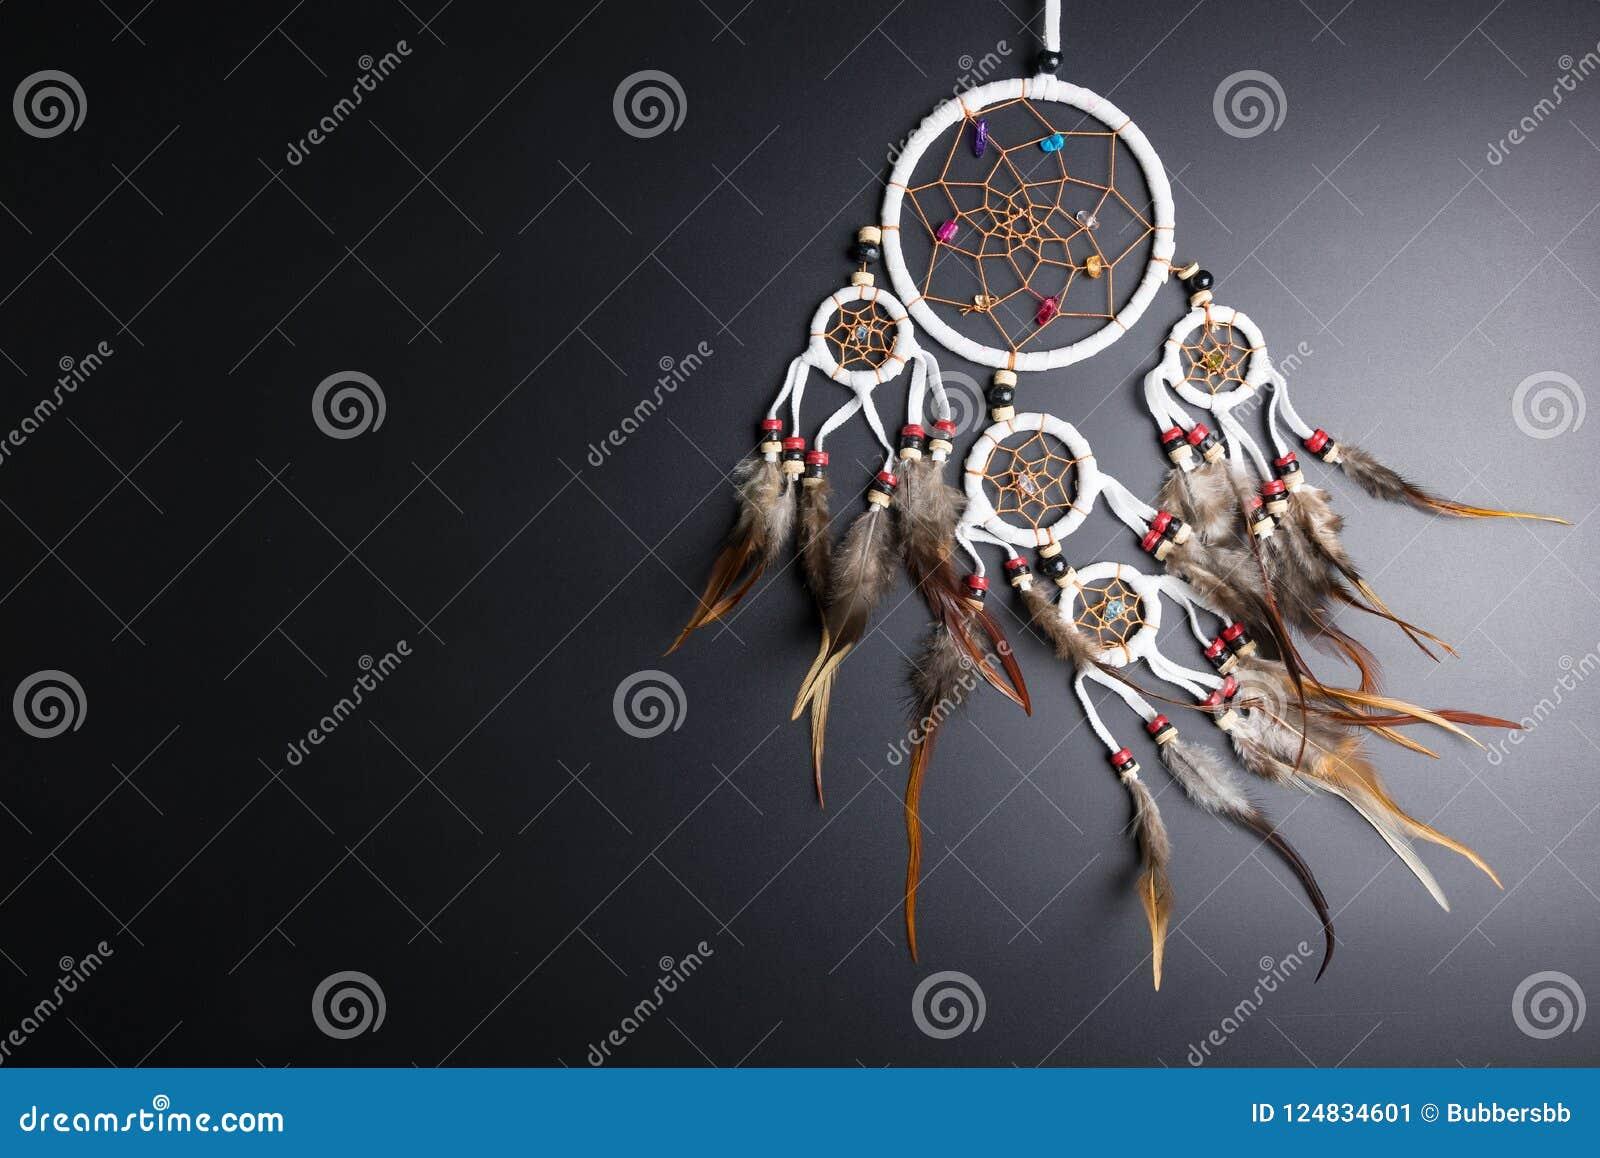 Wymarzony łapacz z piórko niciami i koralika linowym wiszącym spiri